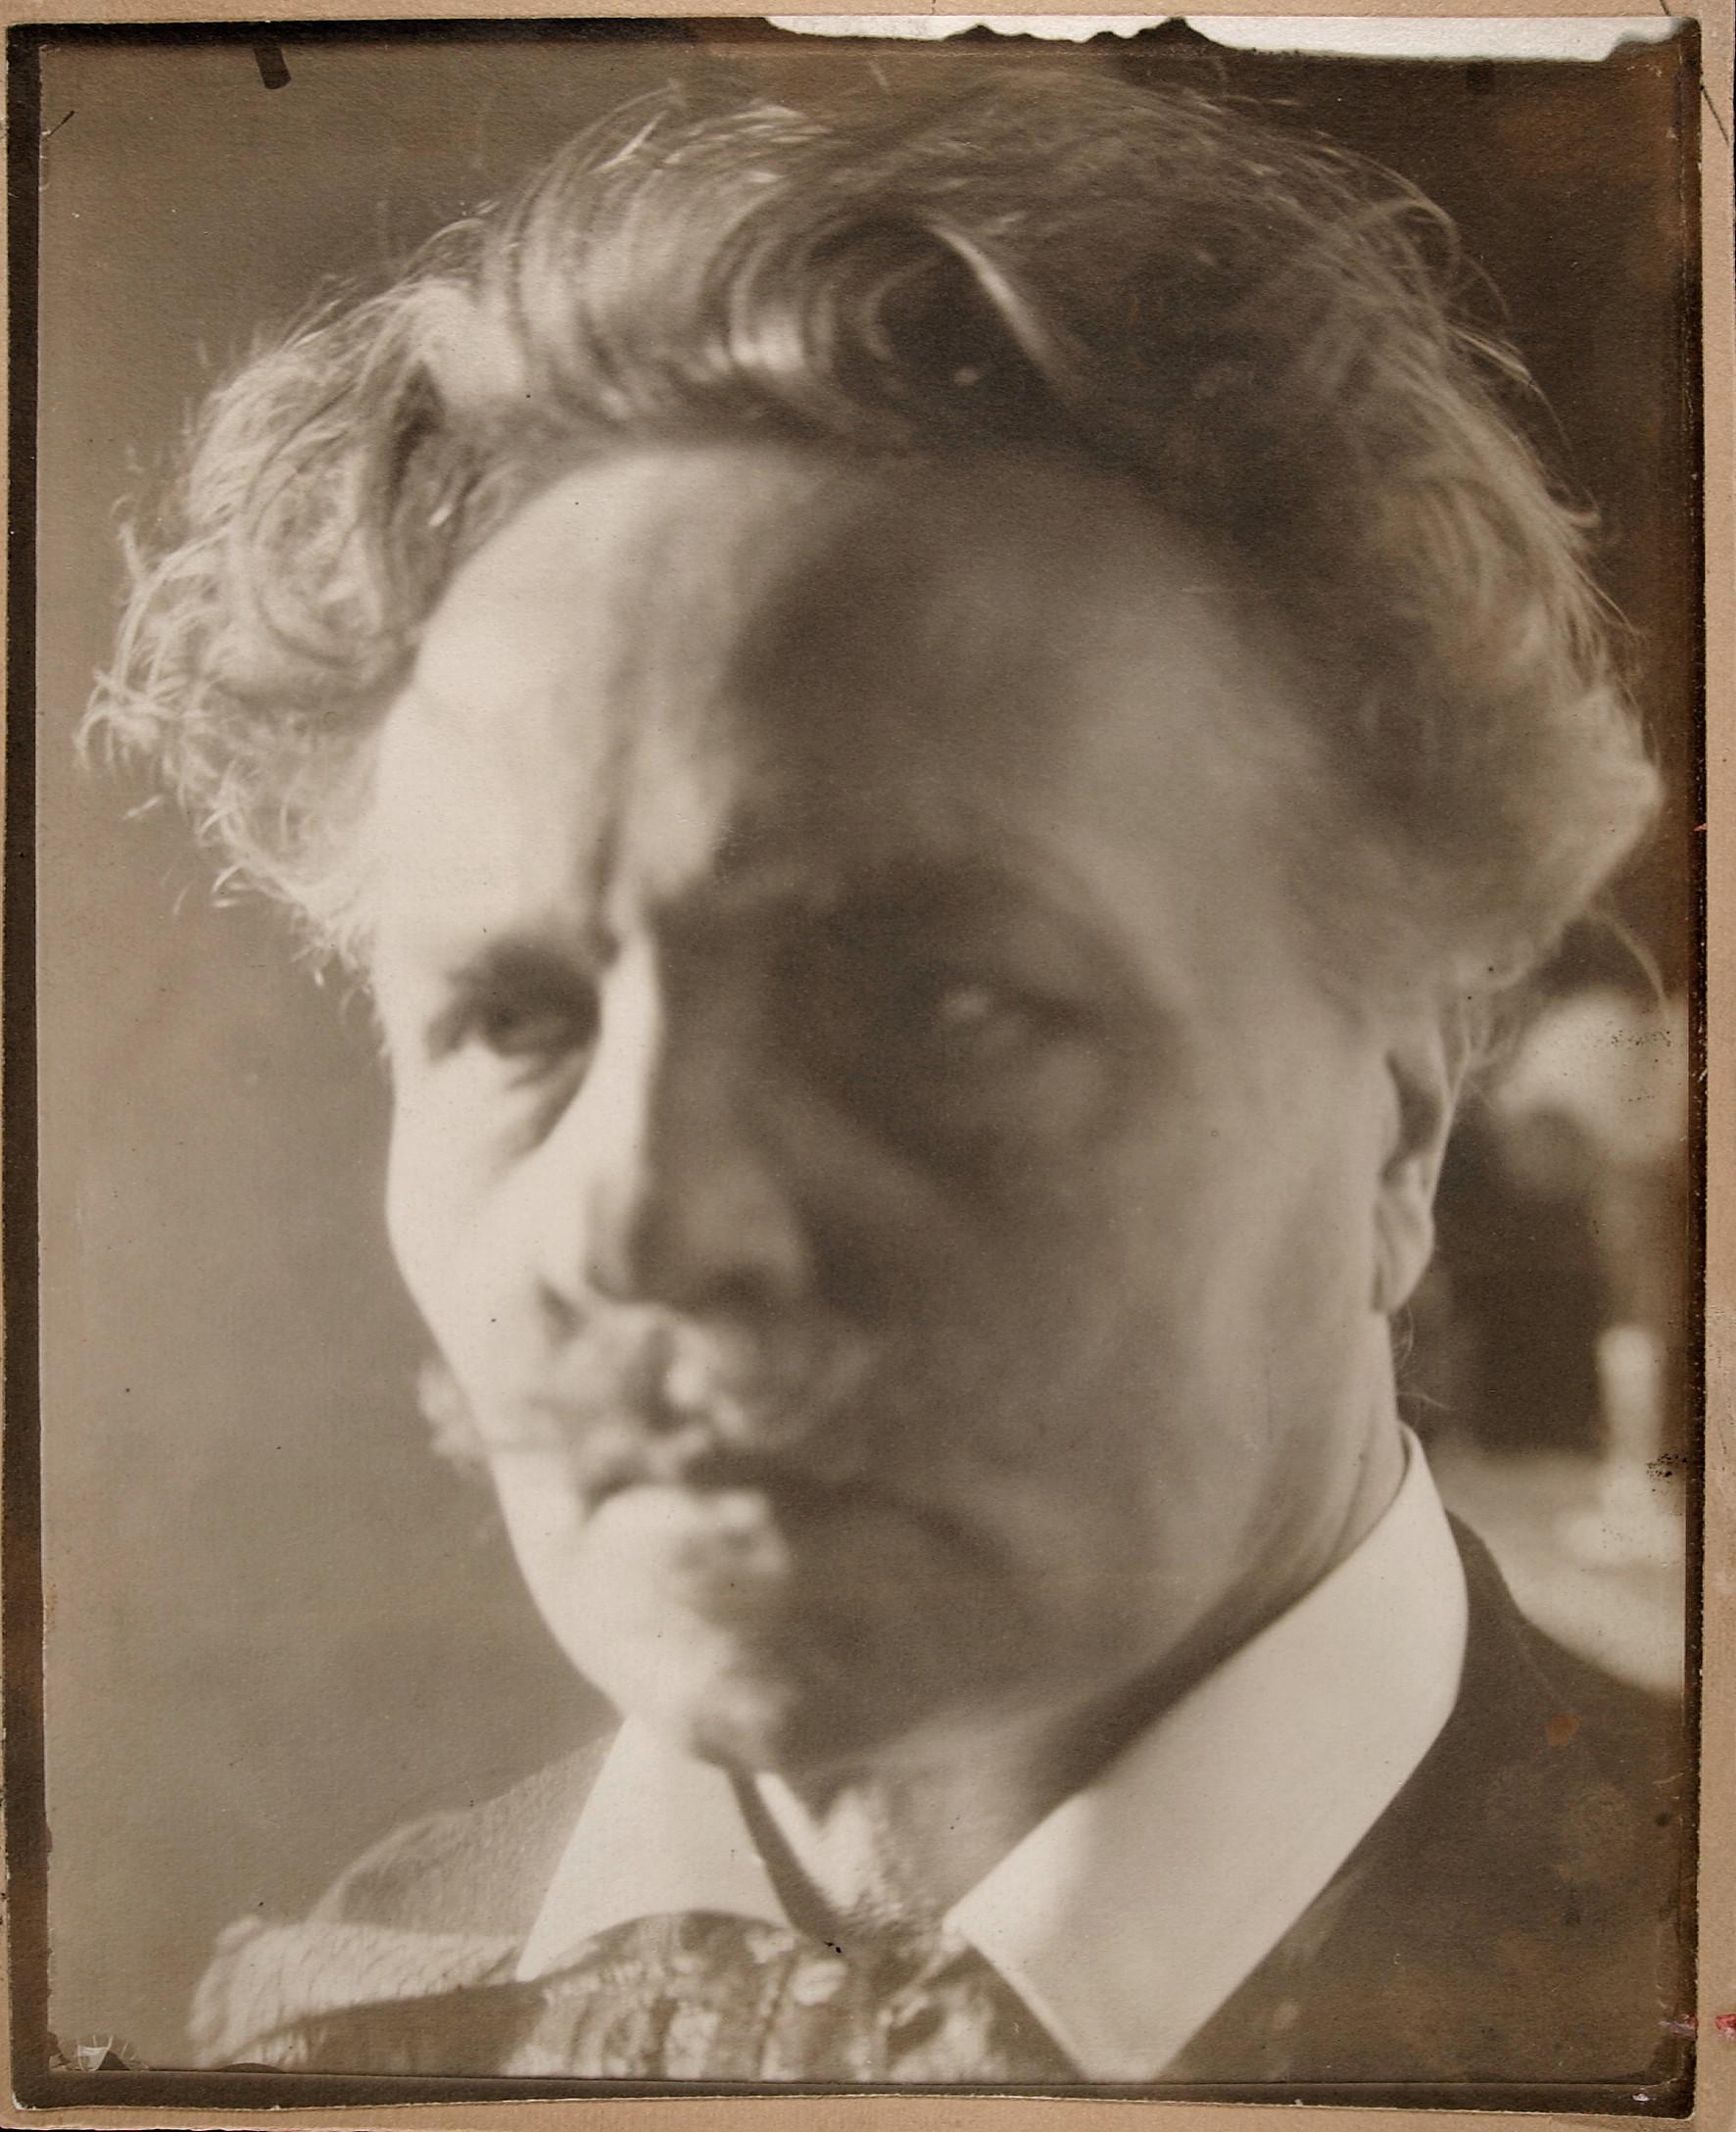 Självporträtt som Strindberg tog hösten 1906.